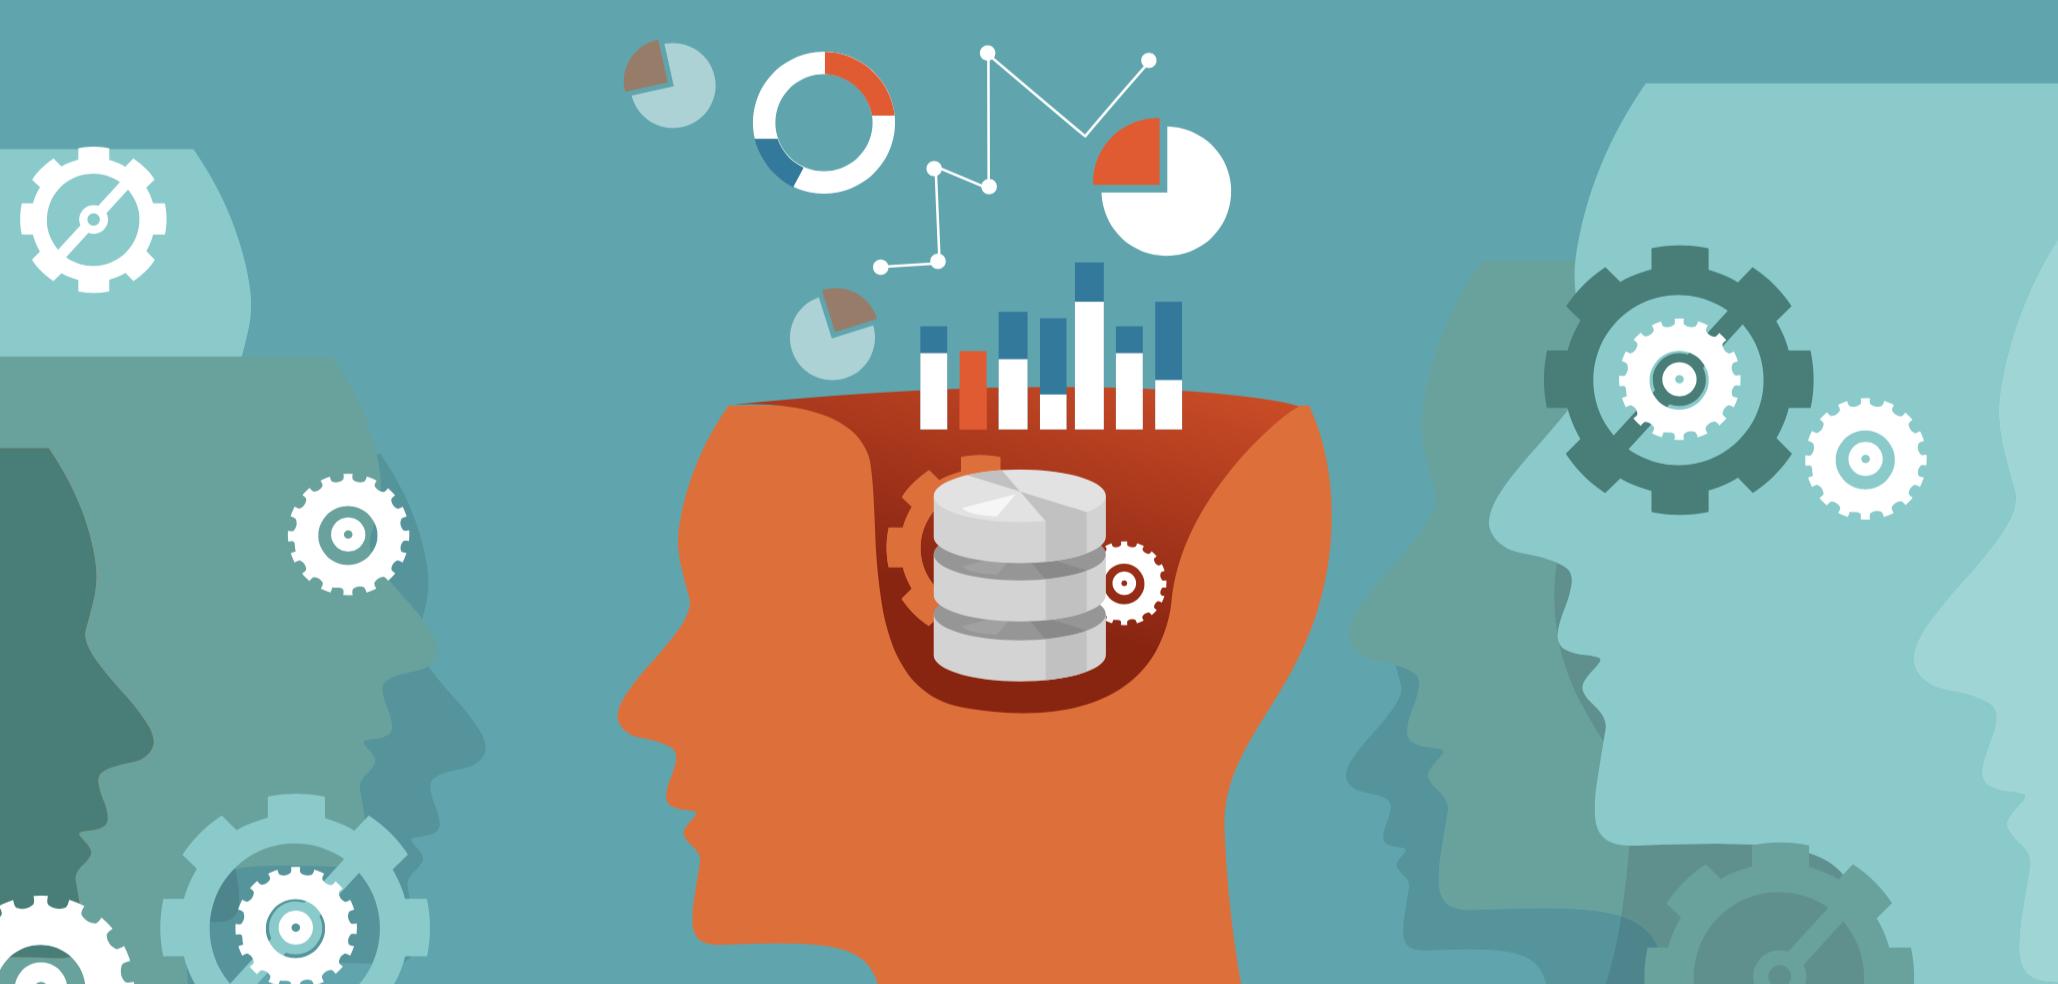 AI python 機械学習 scikit-learnを使用して予測モデル(機械学習アルゴリズム)を作成し評価する